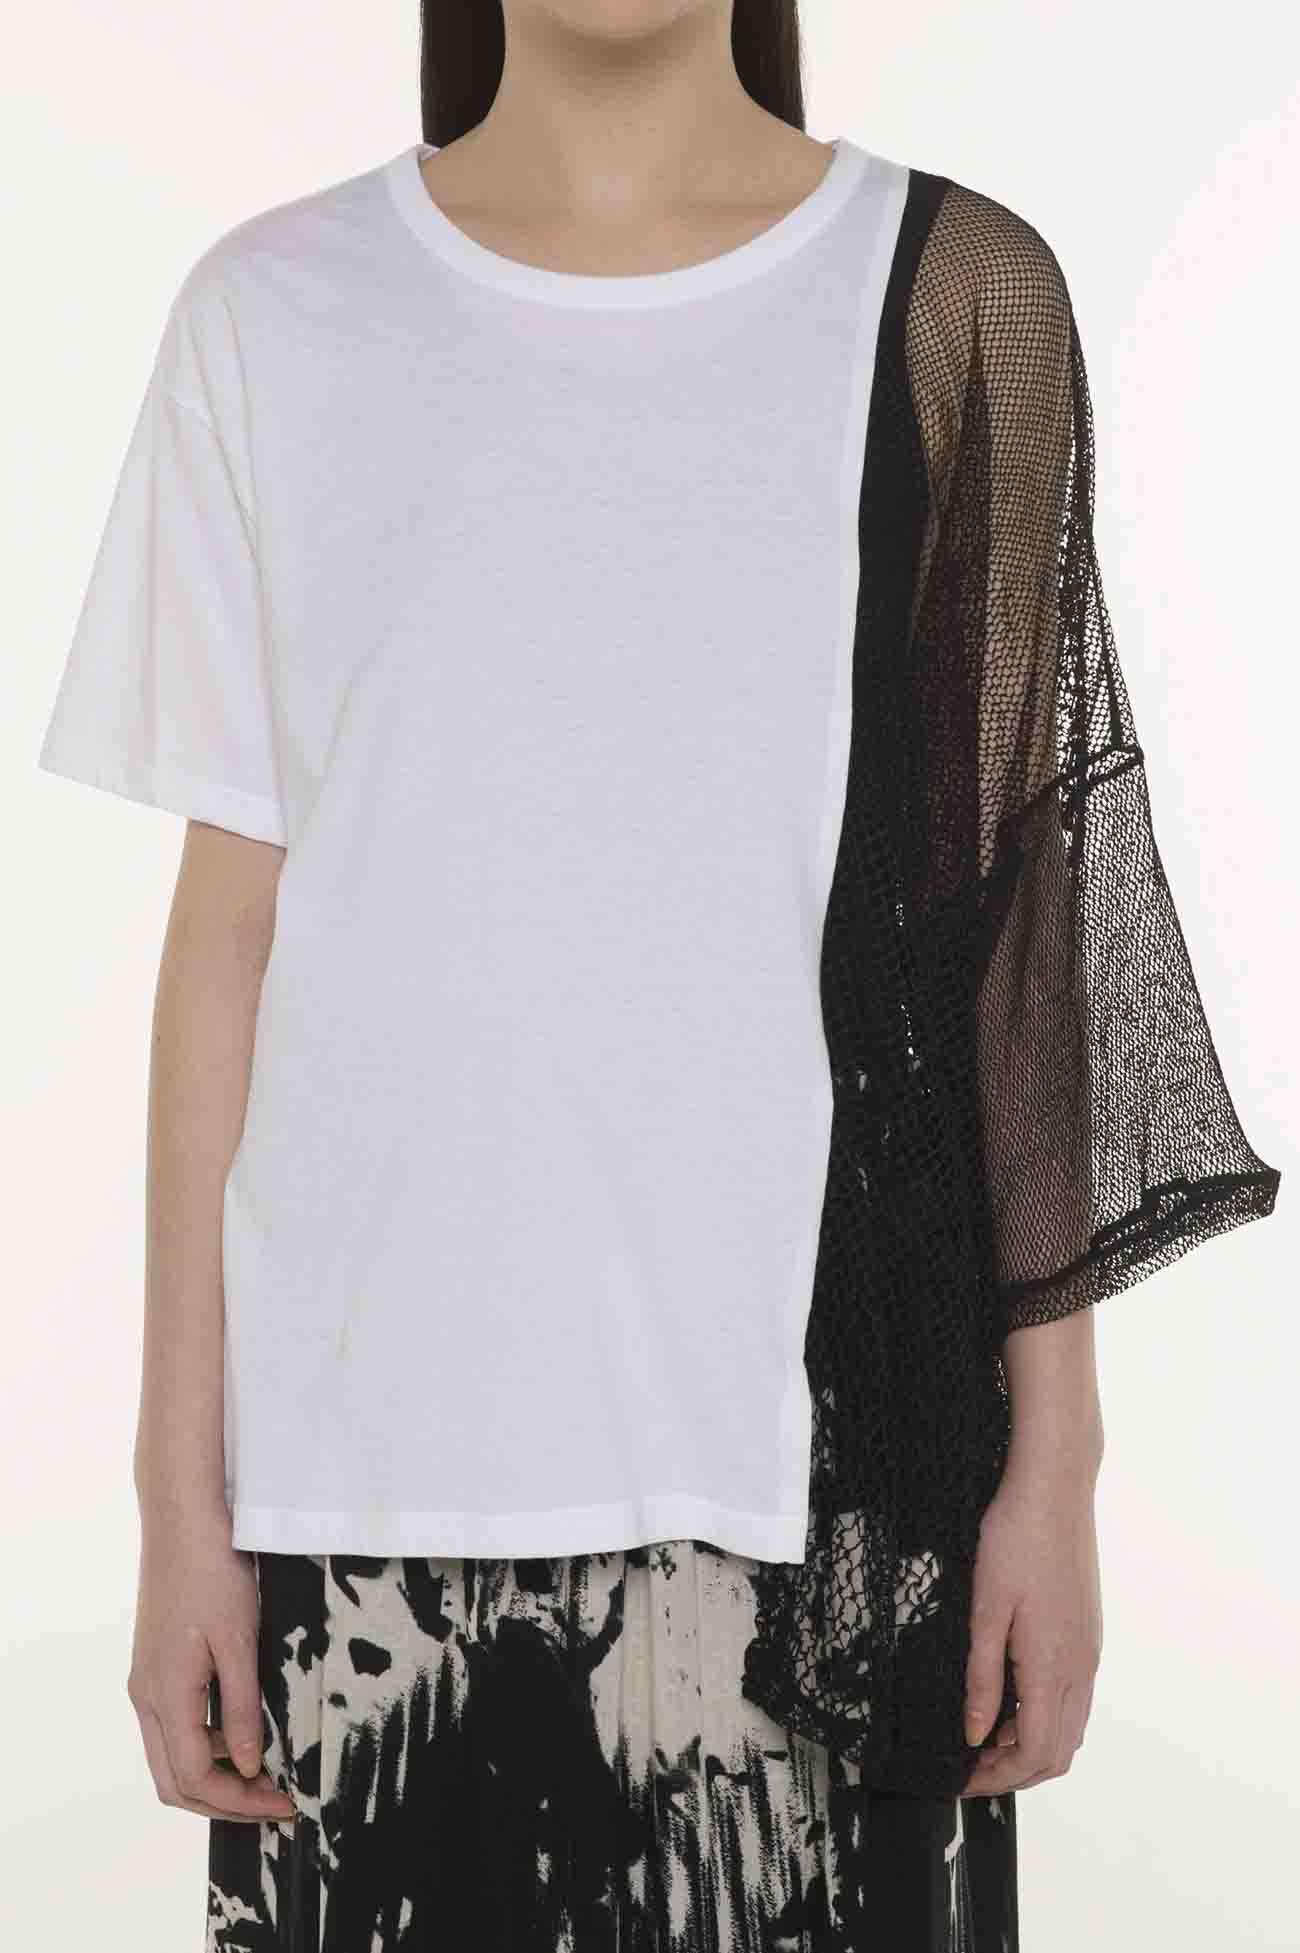 蕾丝× 纯棉 拼接不对称设计上衣